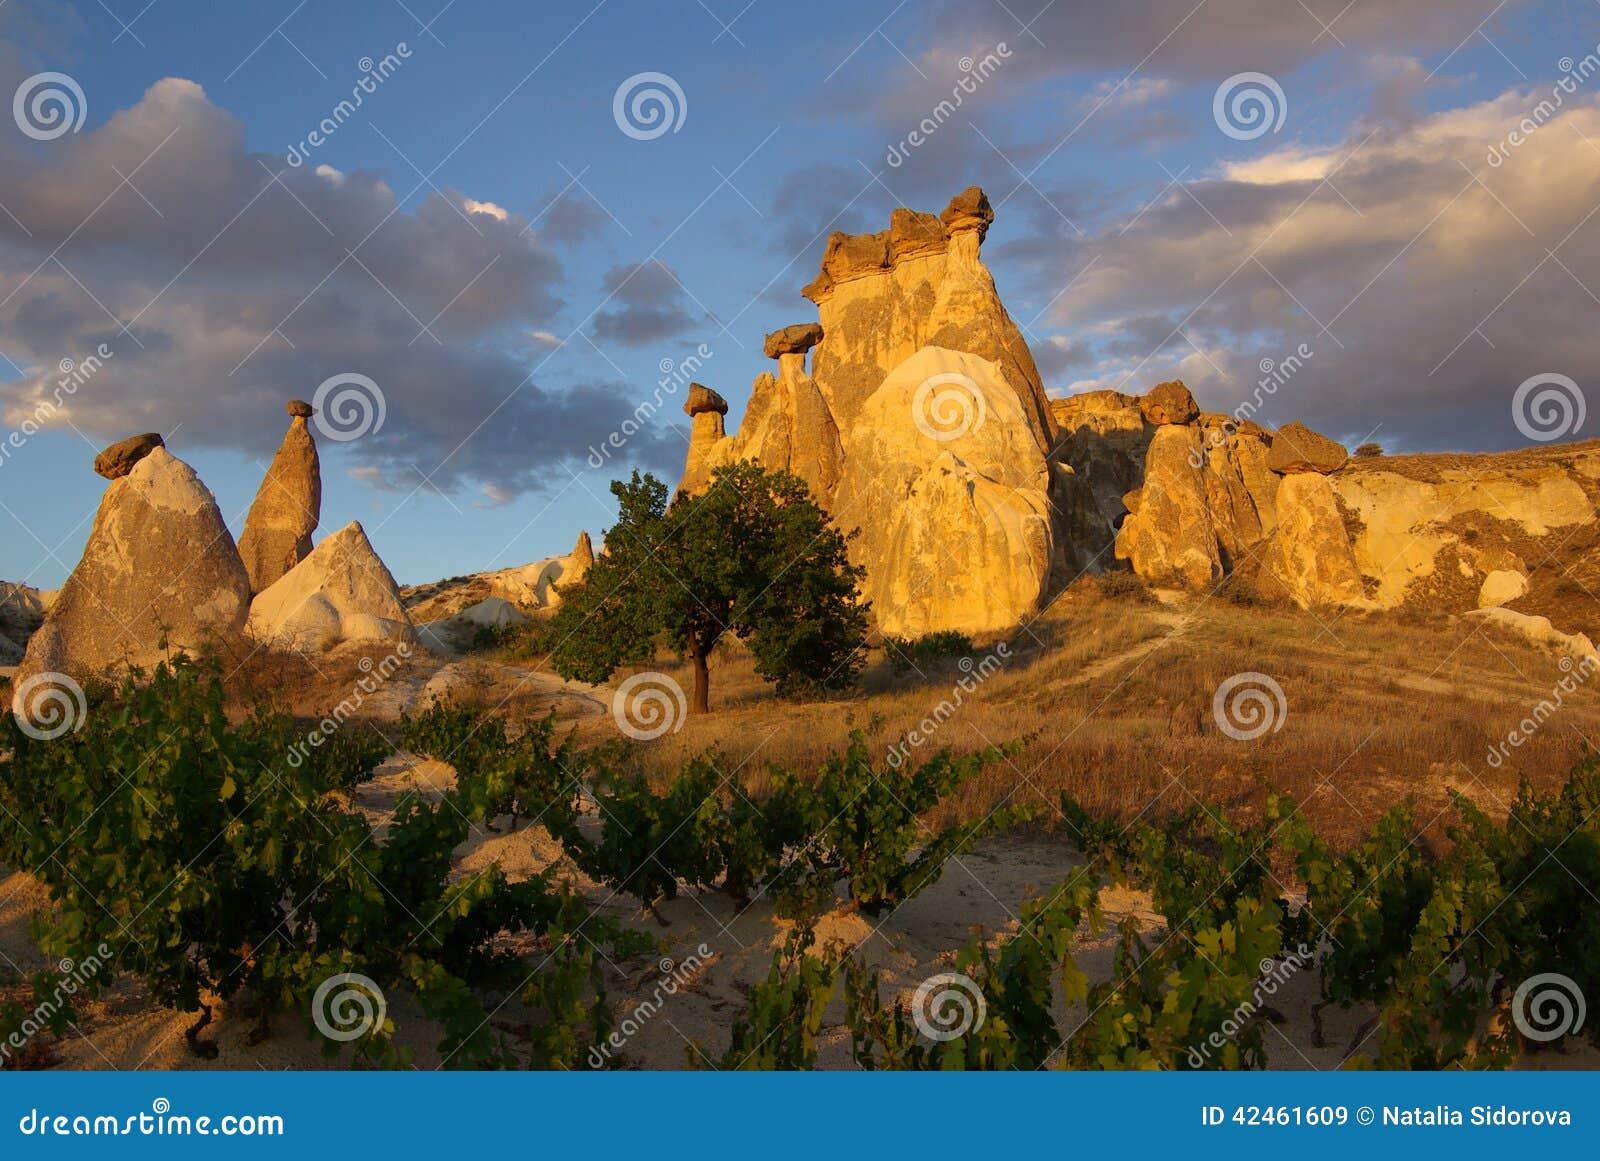 Cappadocia, die Türkei